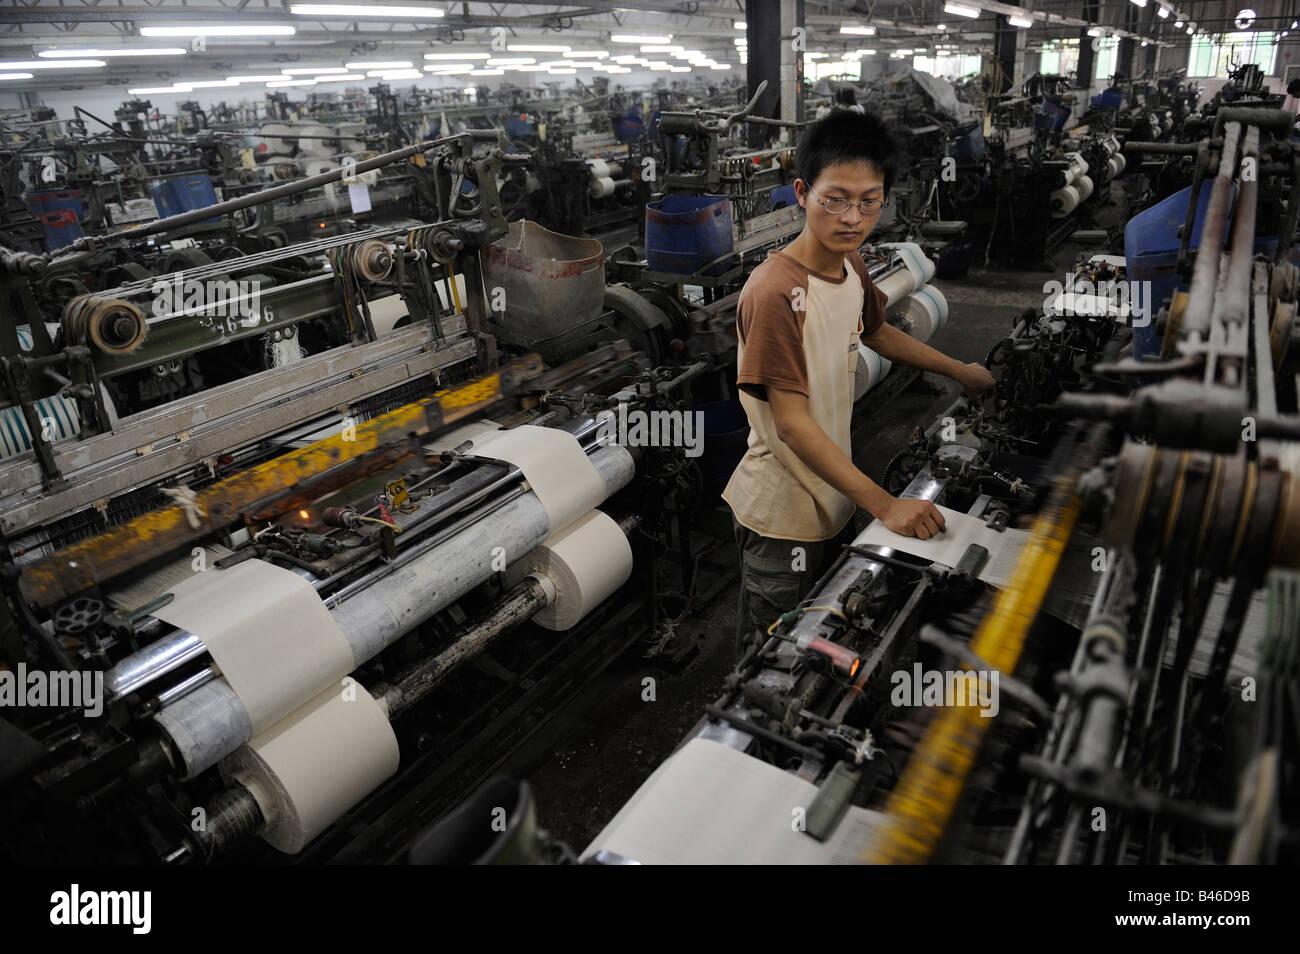 Jeune travailleur de l'utilisation de la machine dans une usine de textile à Foshan, Guangdong, Chine. 19-Sep-2008 Banque D'Images